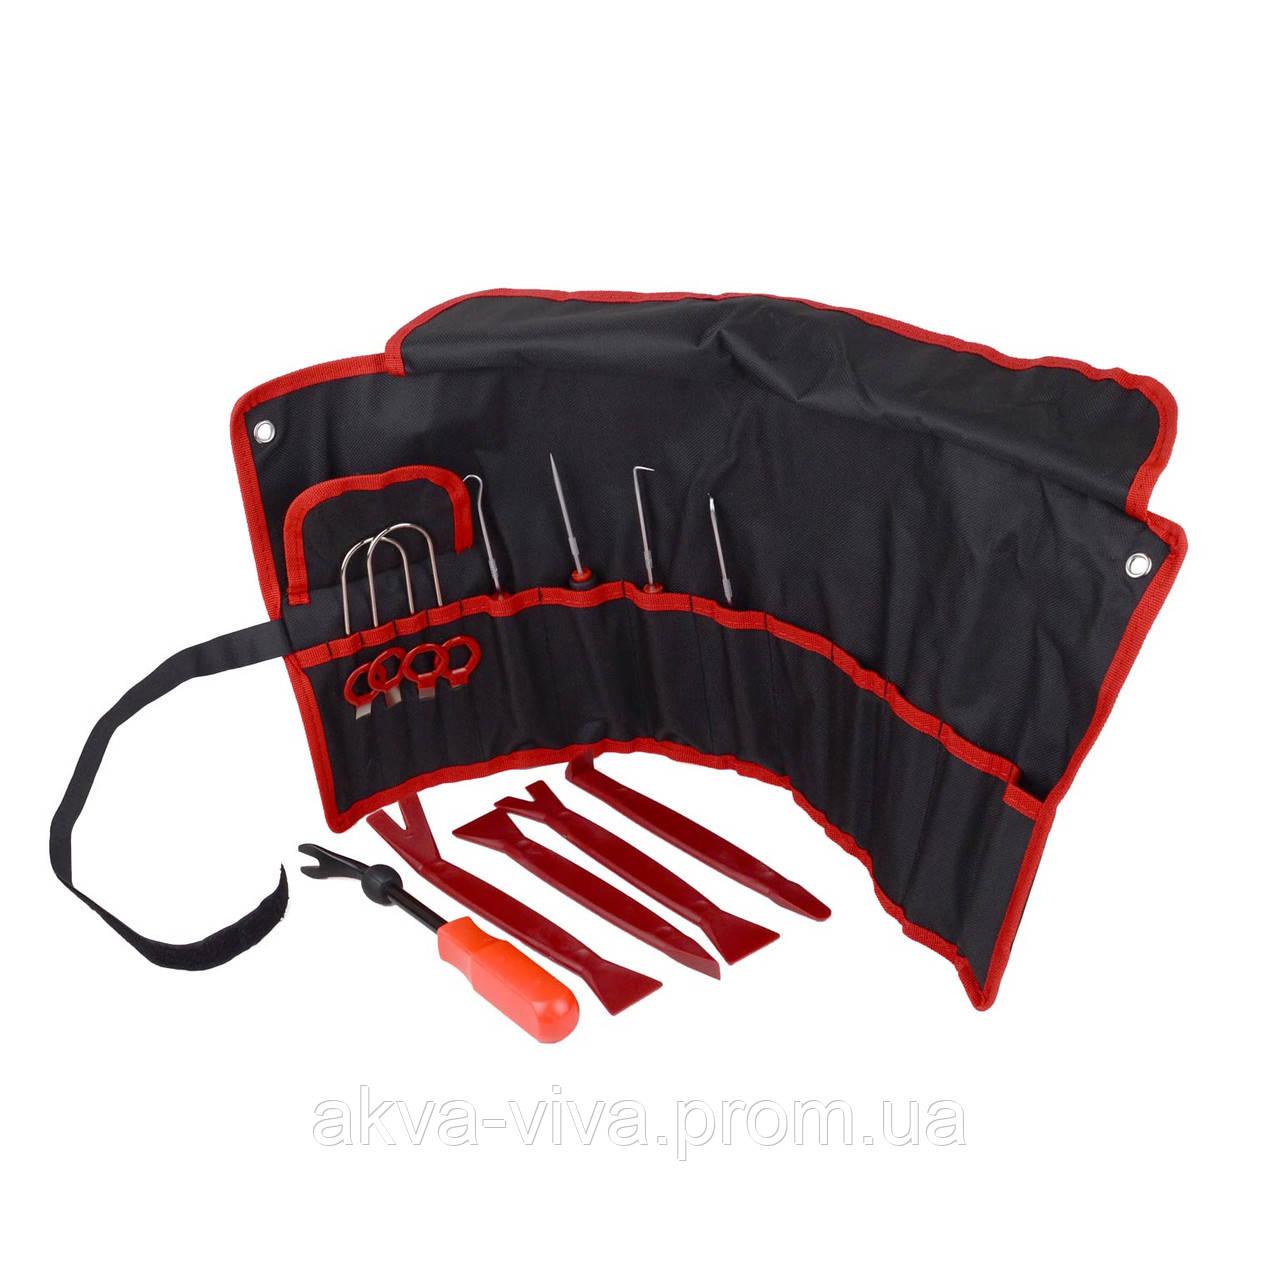 Профессиональный набор инструментов для снятия обшивки (облицовки) авто 15шт (СО-15-2ч)